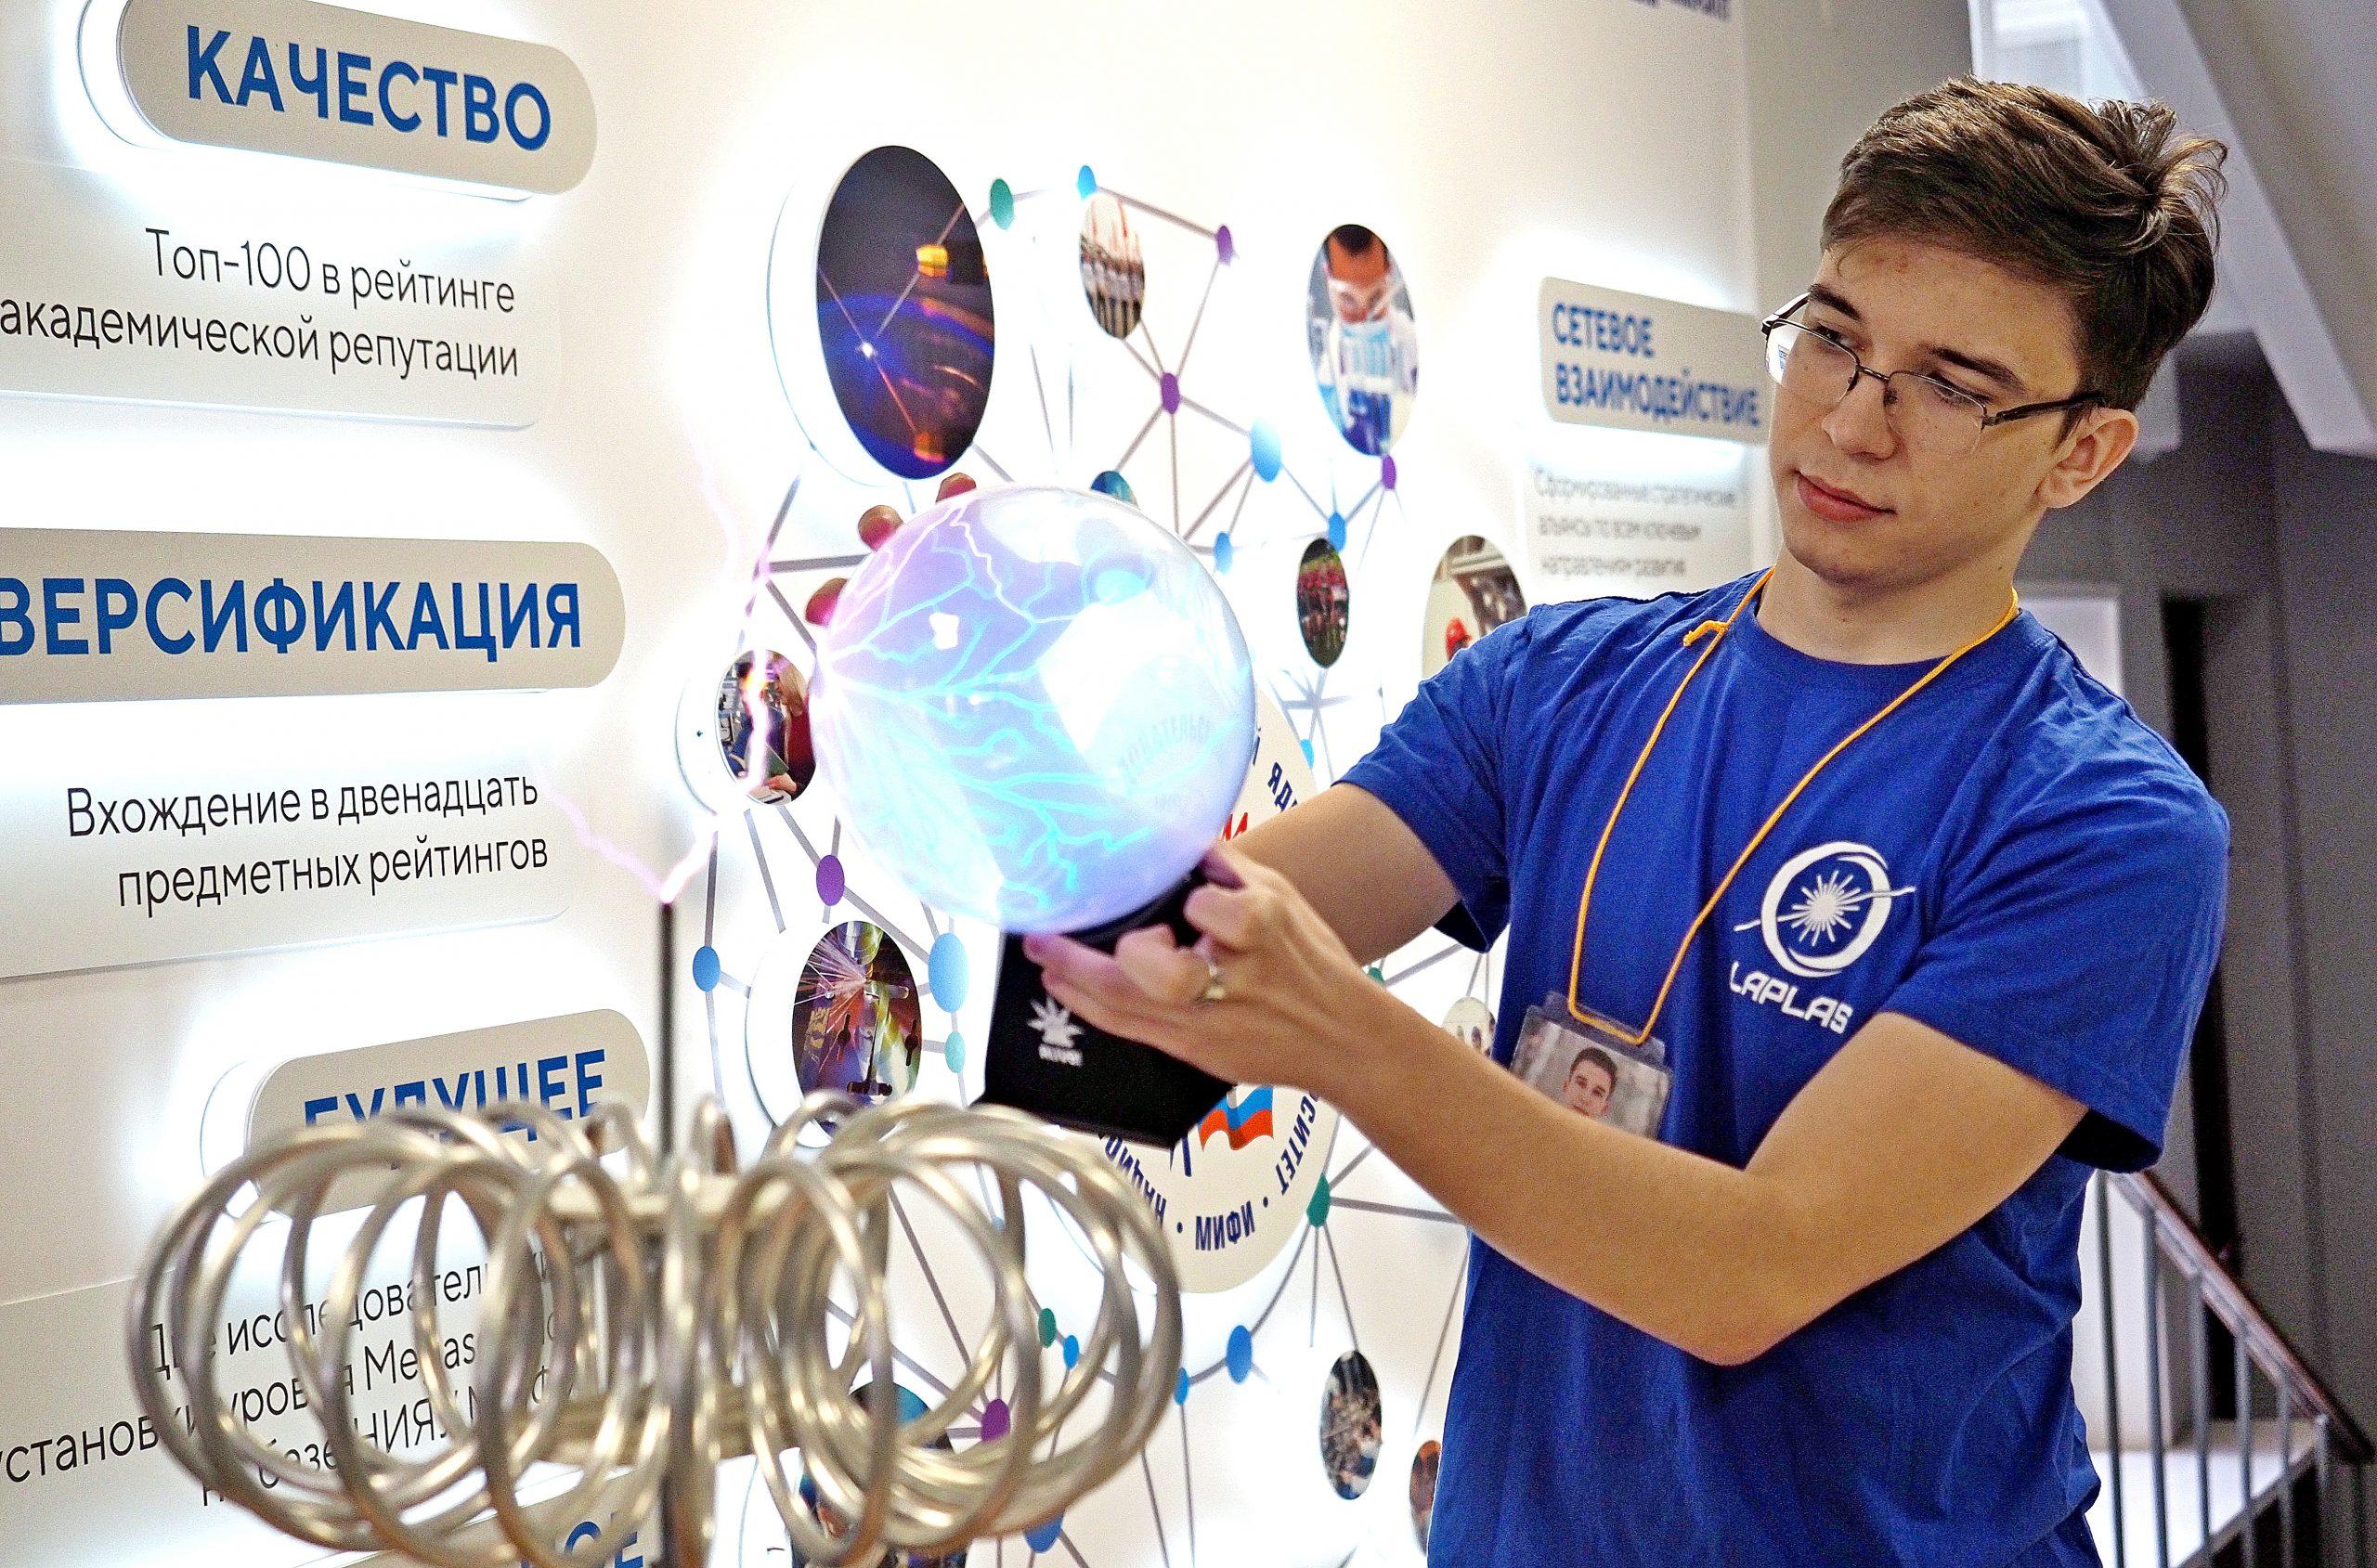 Я — профессионал: объявлены итоги участия НИЯУ МИФИ в олимпиаде студентов